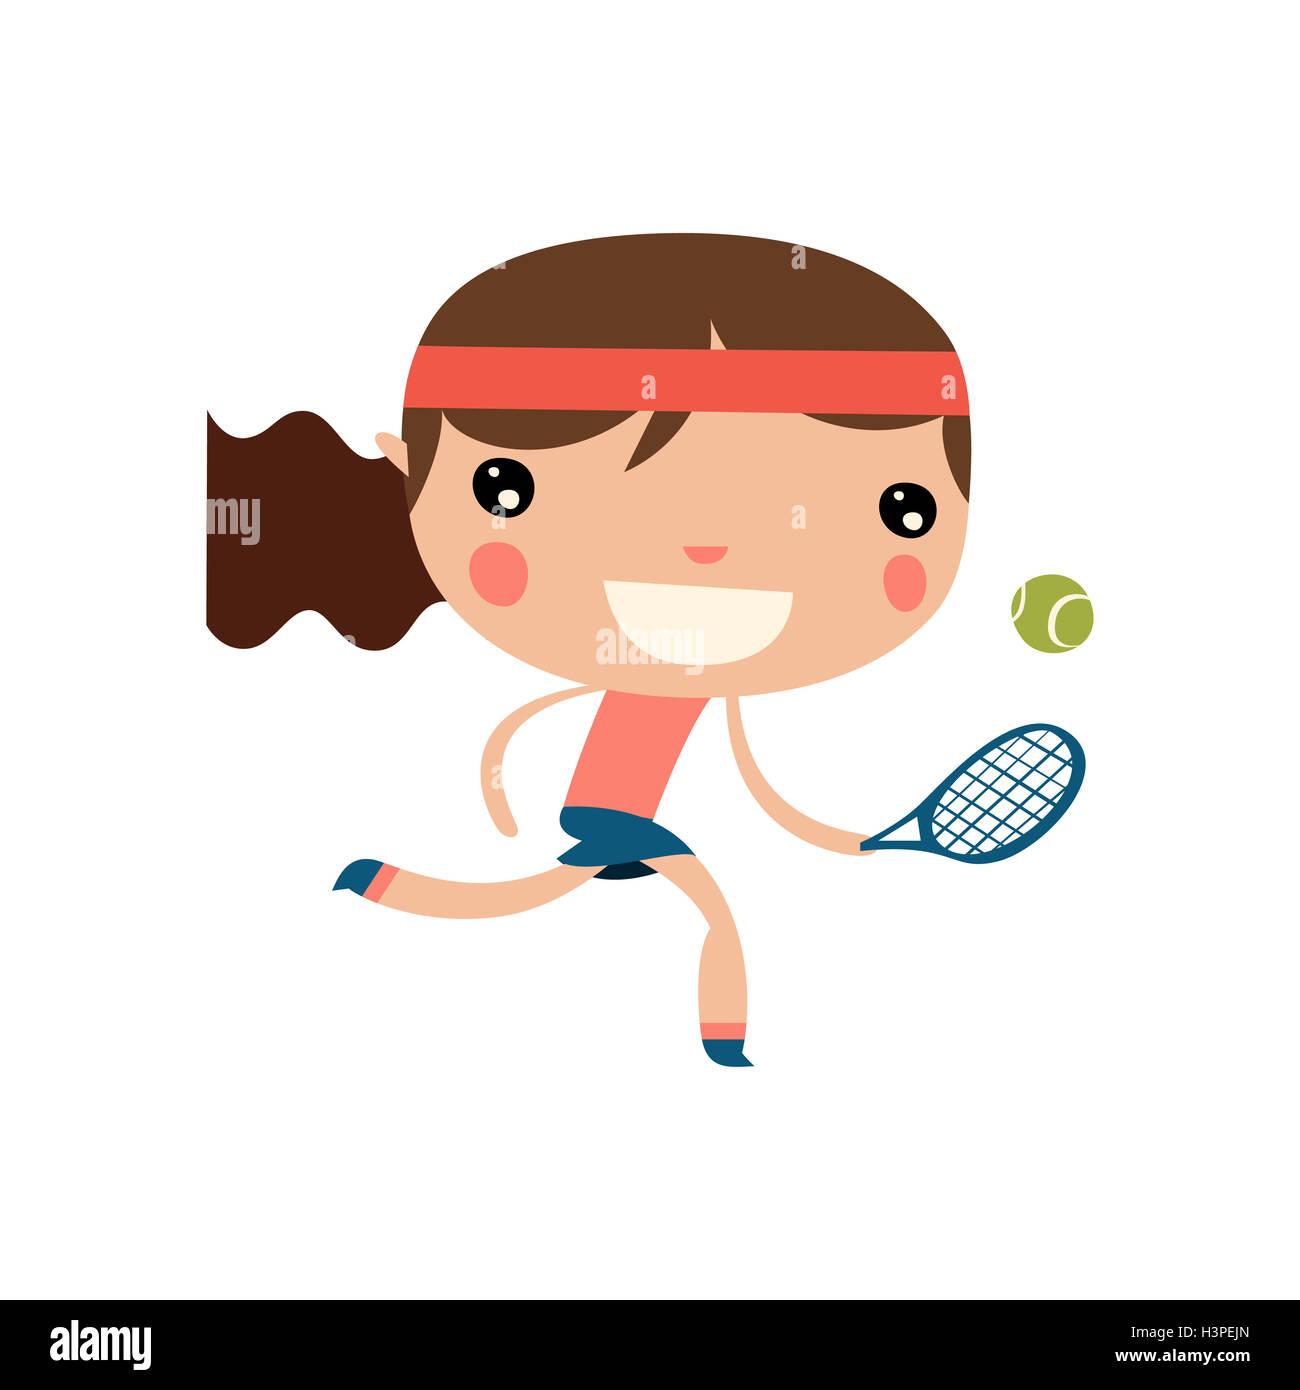 Cartoon Tennis Ball Racket Sport Stock Photos Cartoon Tennis Ball